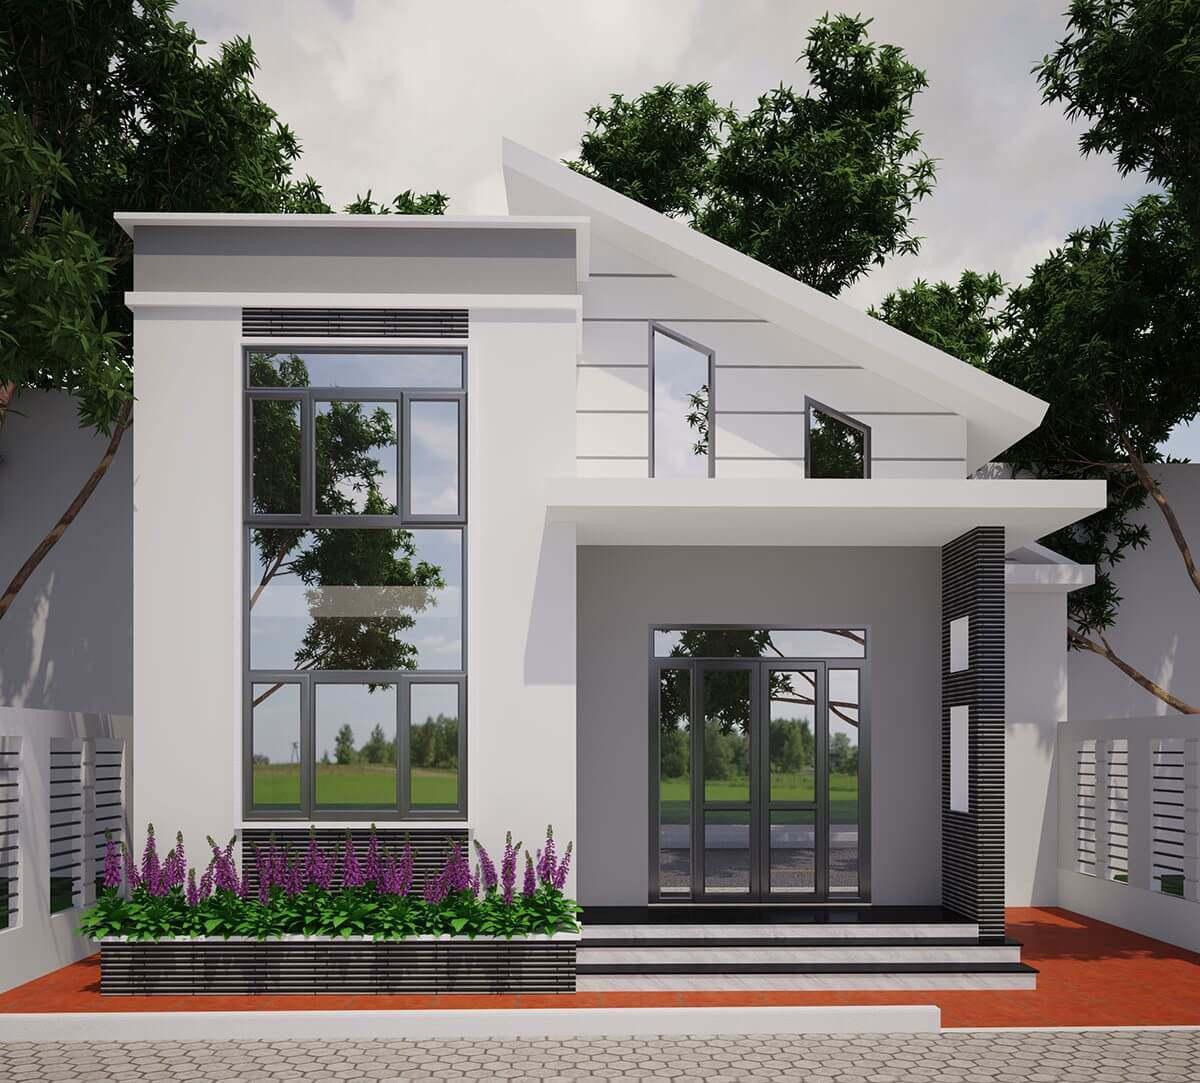 Theo kinh nghiệm xây nhà, thiết kế nhà 1 trệt 1 lầu được xem là kiến trúc nhà ở phổ biến hiện nay được nhiều gia đình trẻ ưa chuộng